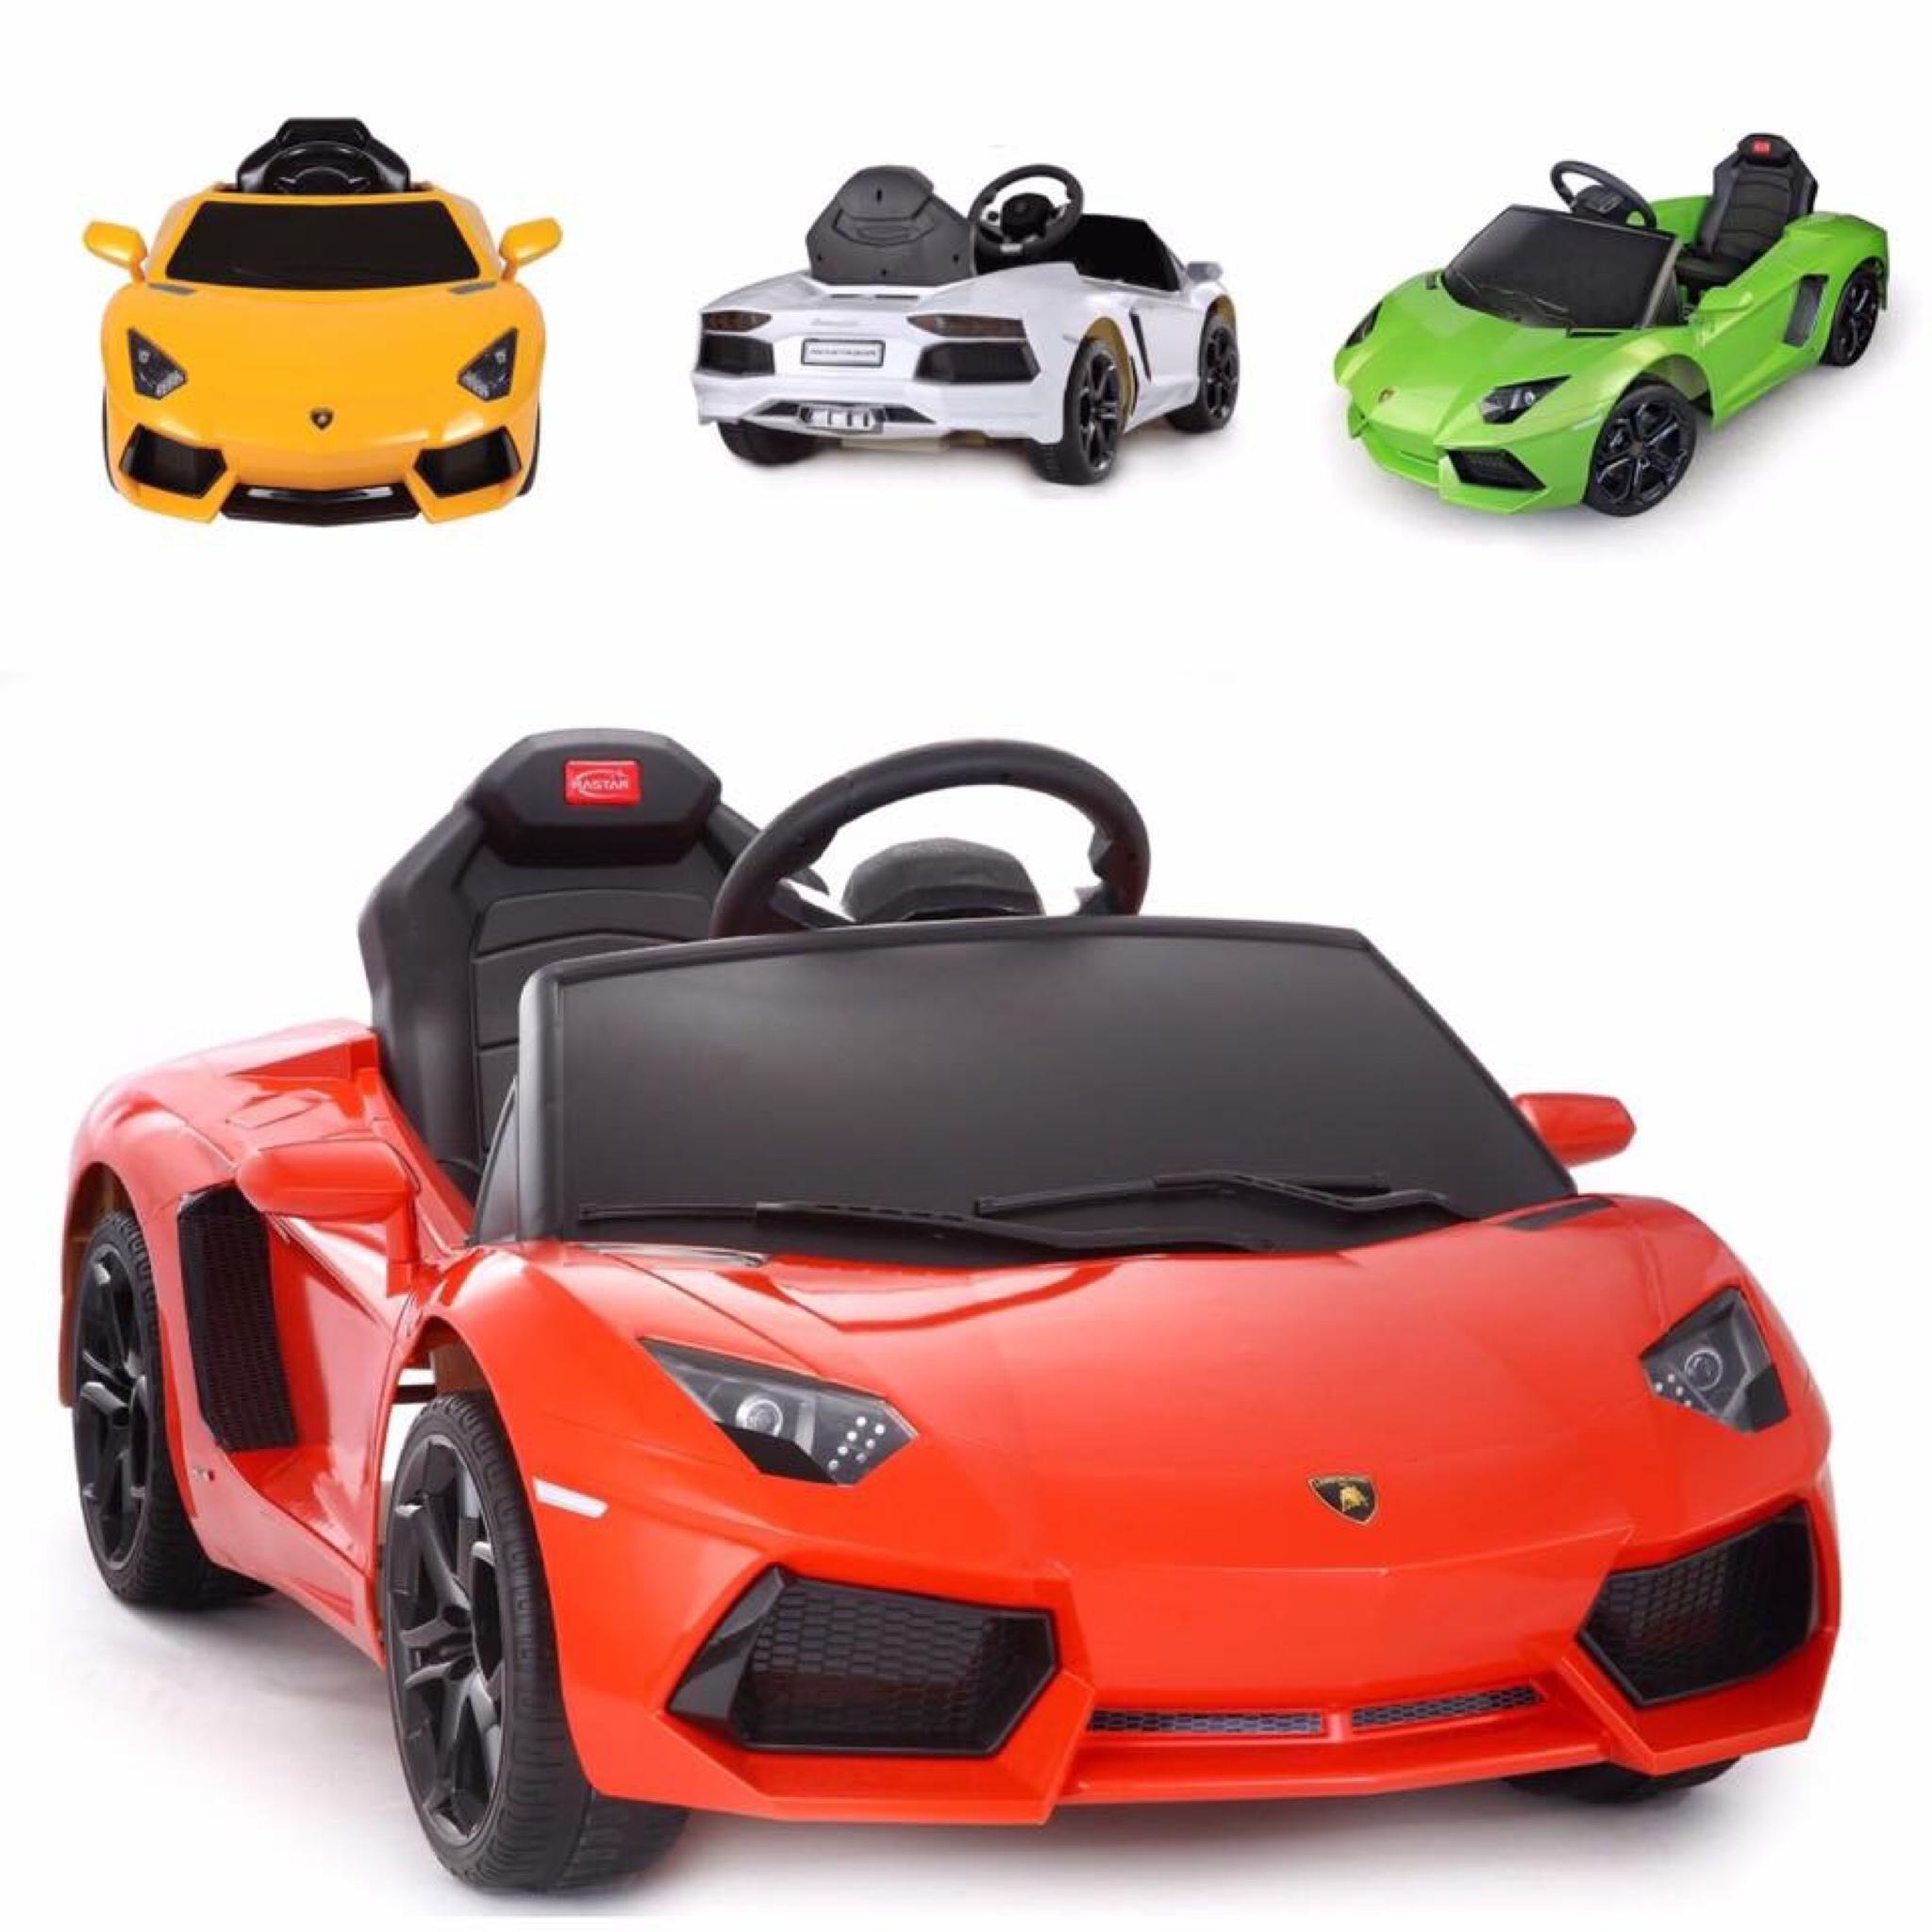 รถแบตเตอรี่พร้อมรีโมทบังคับ Lamborghini Aventador LP700 6V Battery-Powered Ride-On (Red)